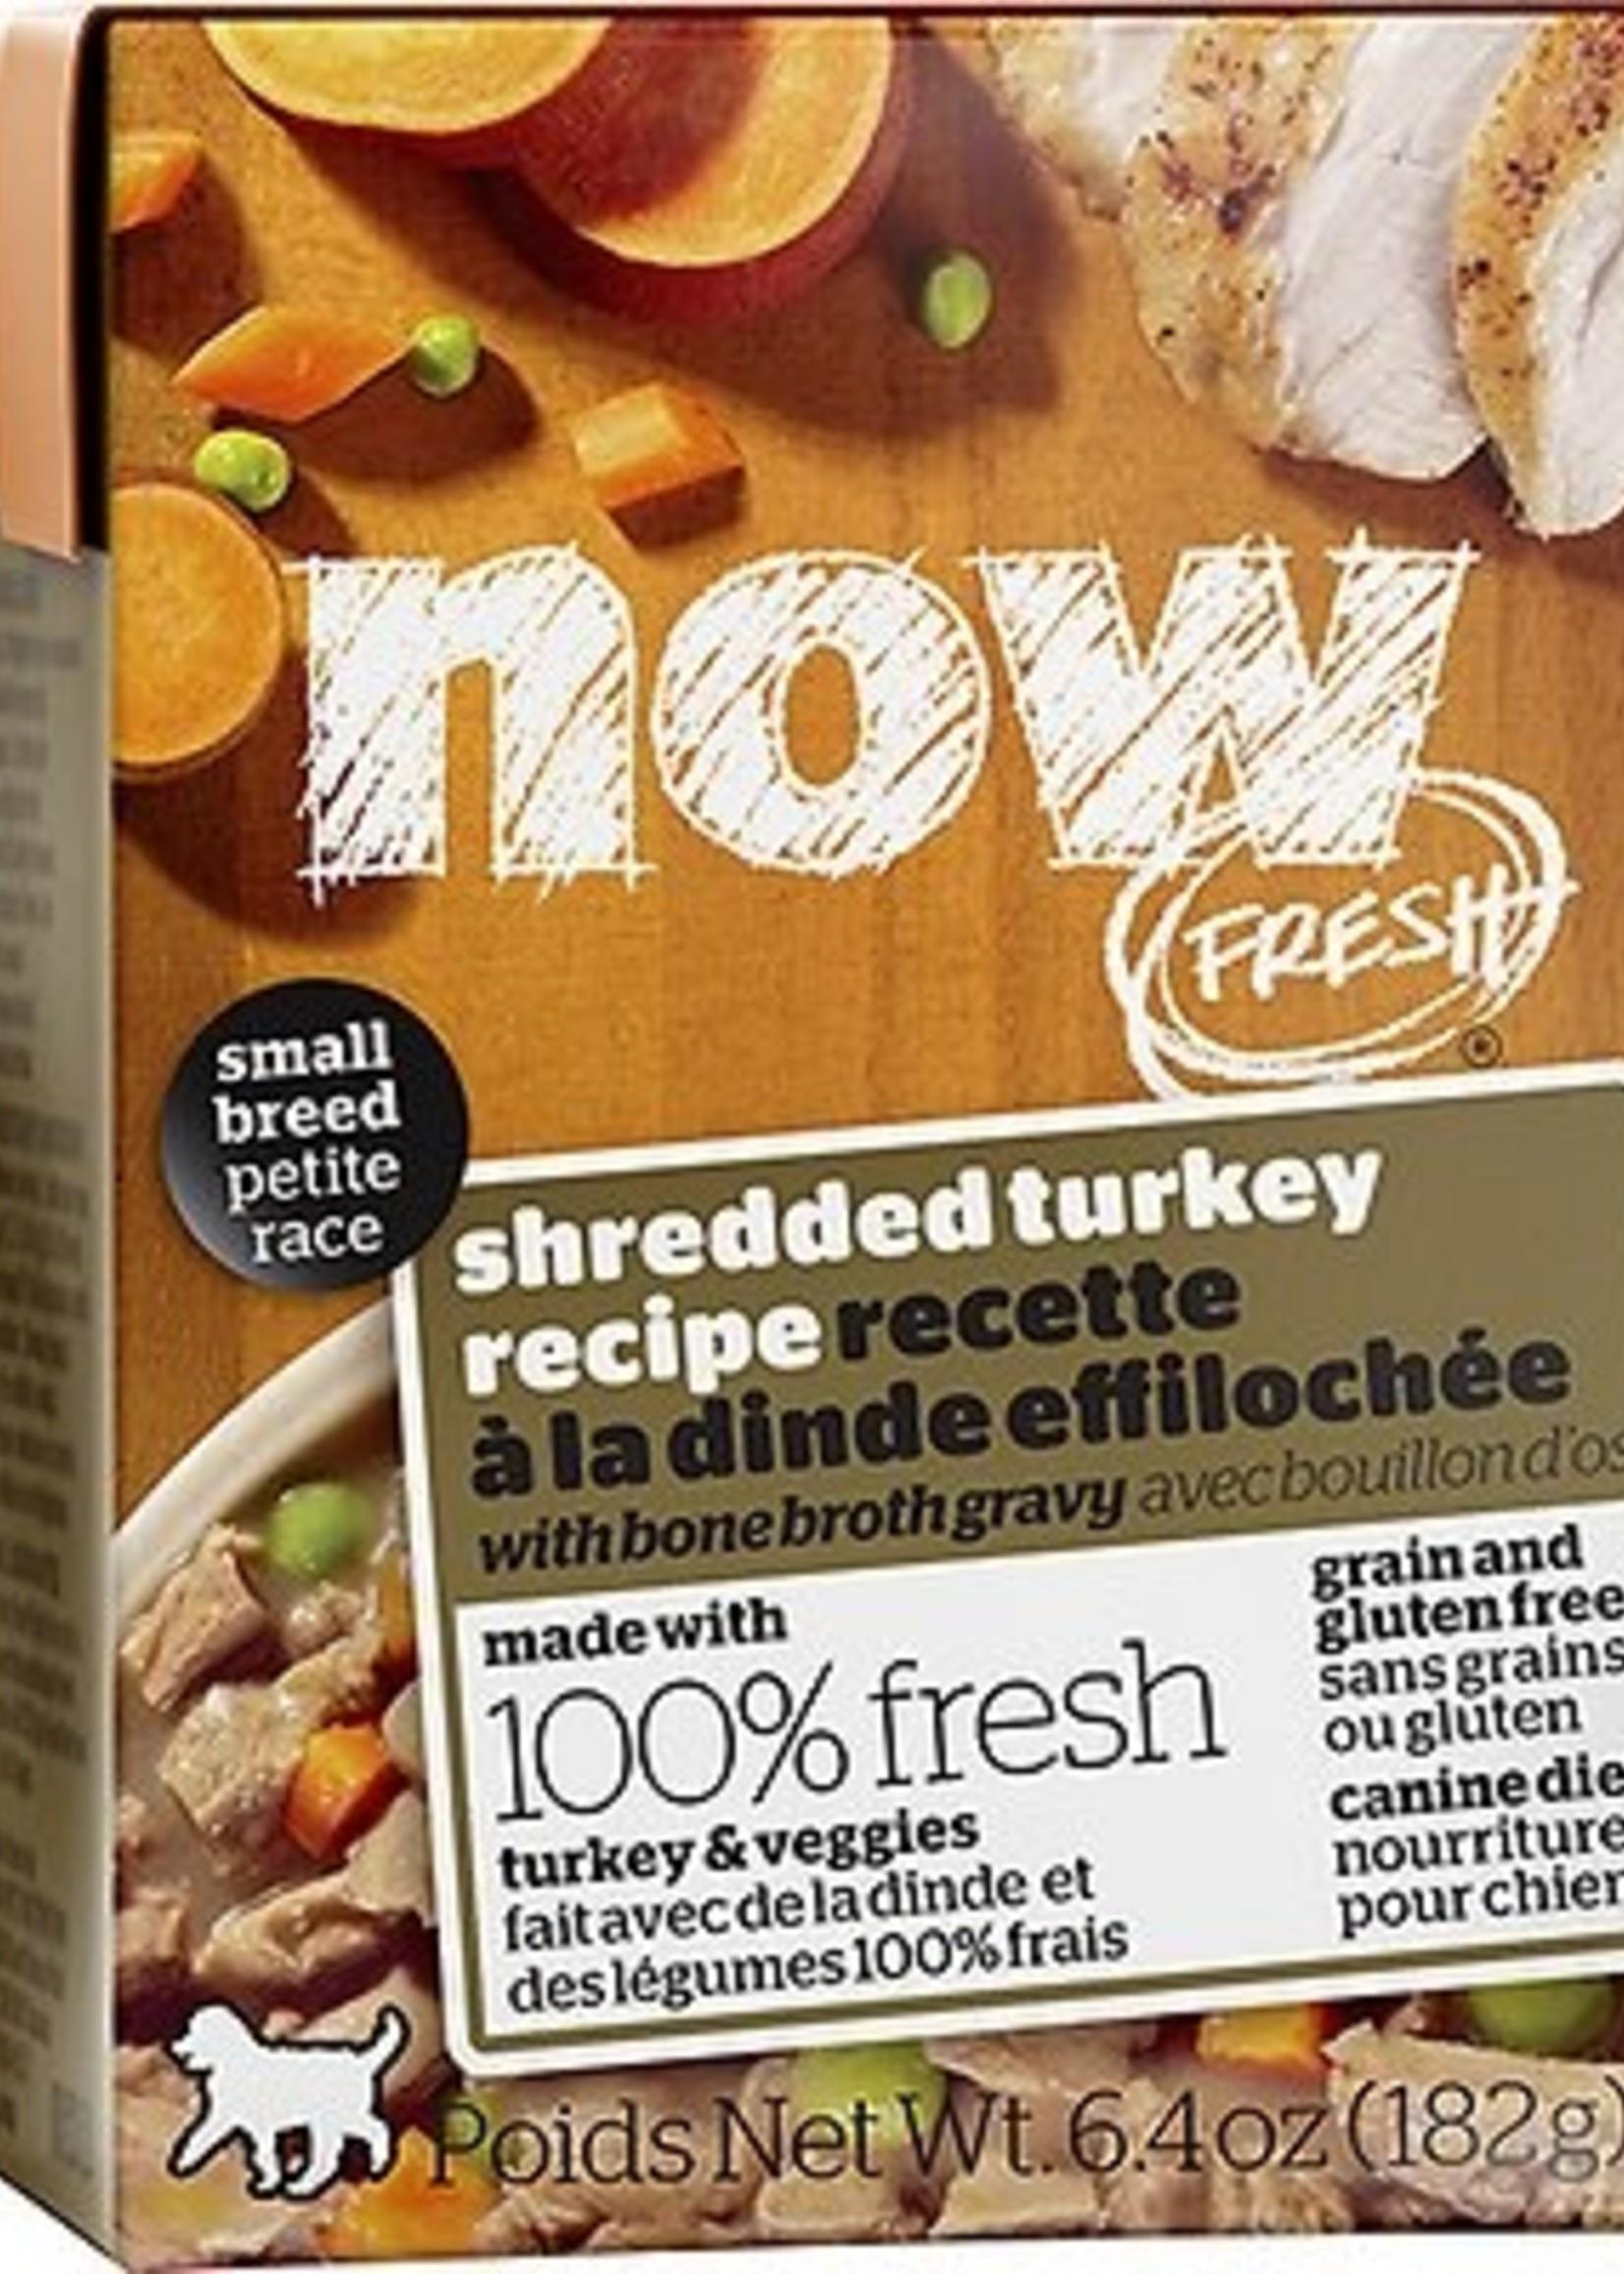 Petcurean Now! Small Breed Shredded Turkey  6.4 oz